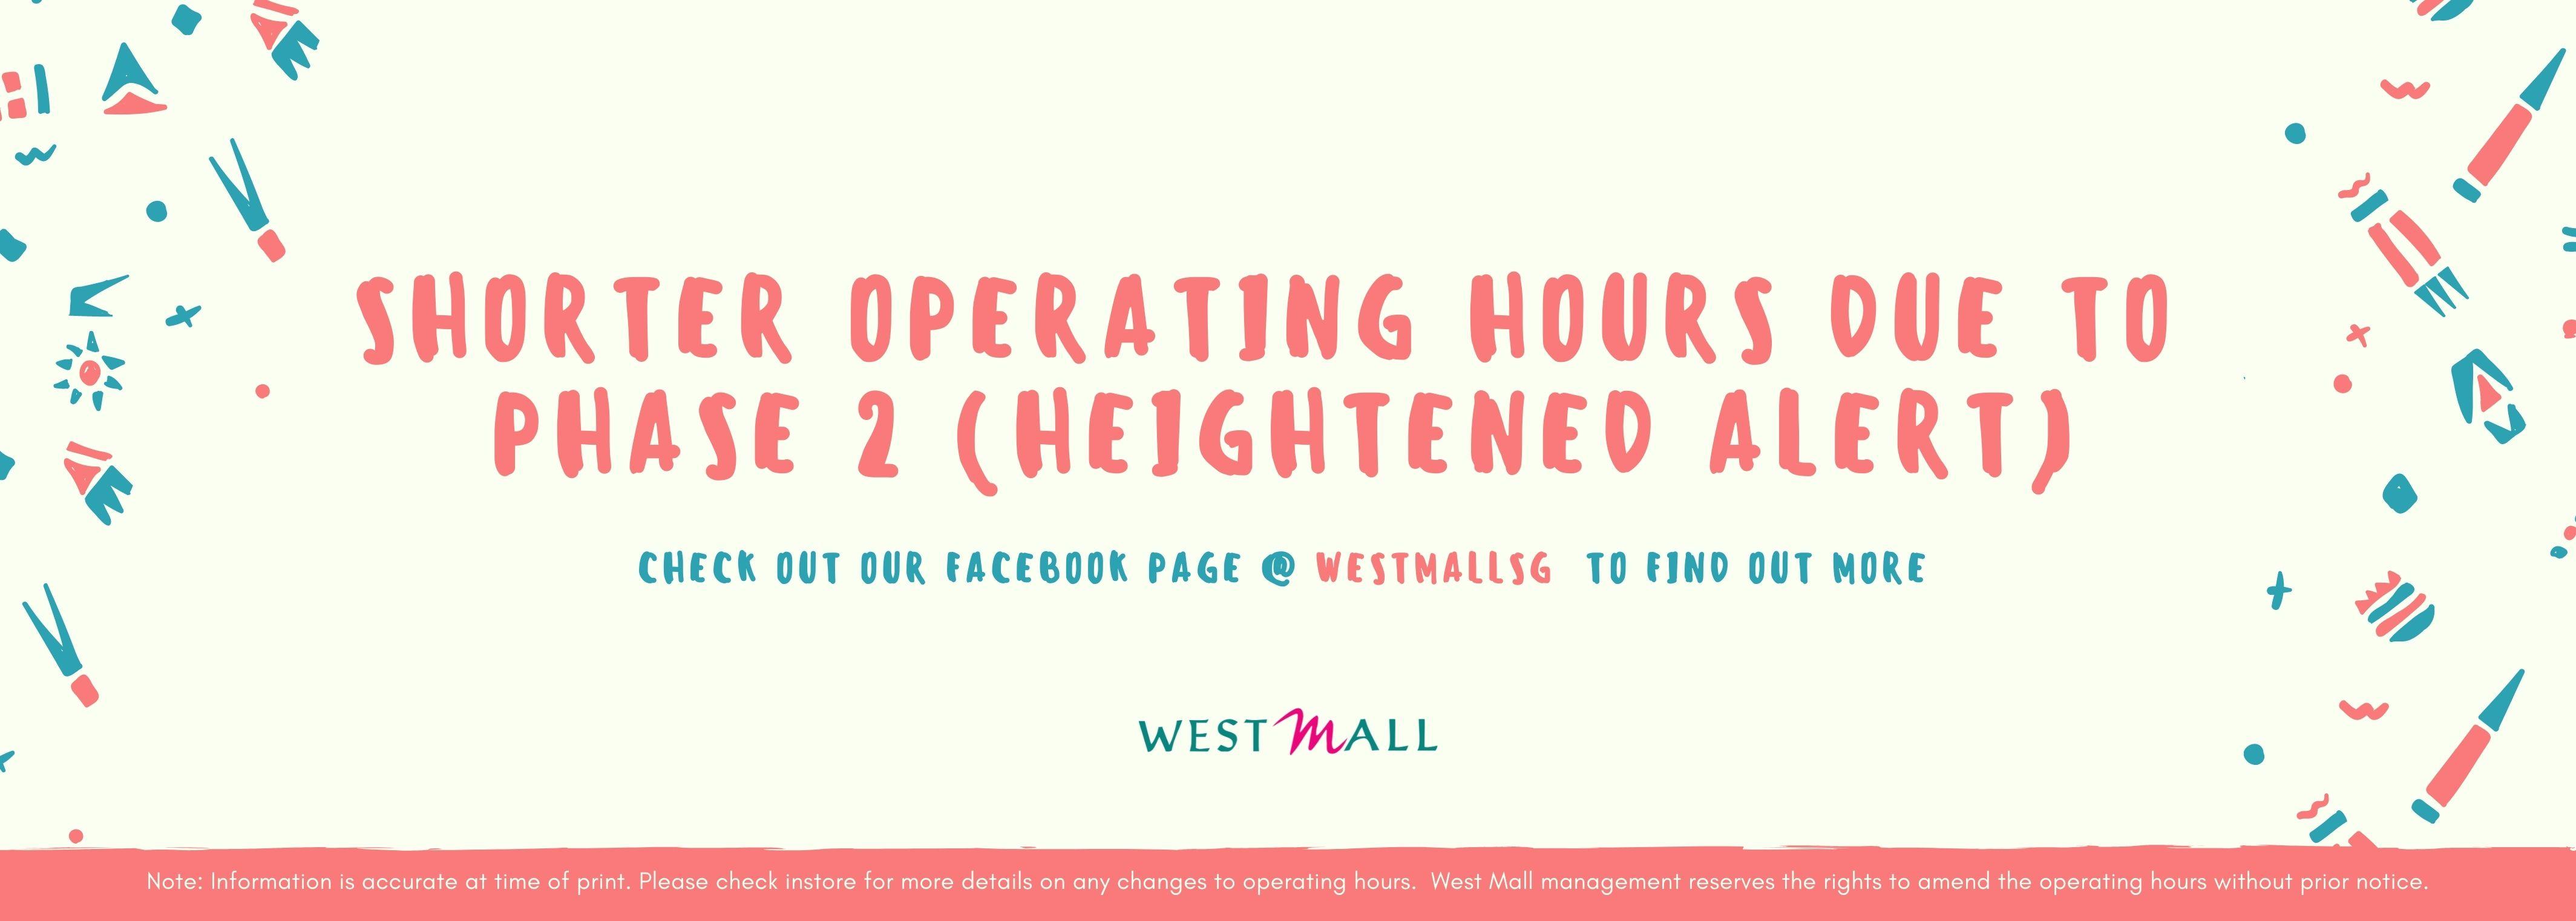 Shorter Operating Hours - Phase 2 heightened alert